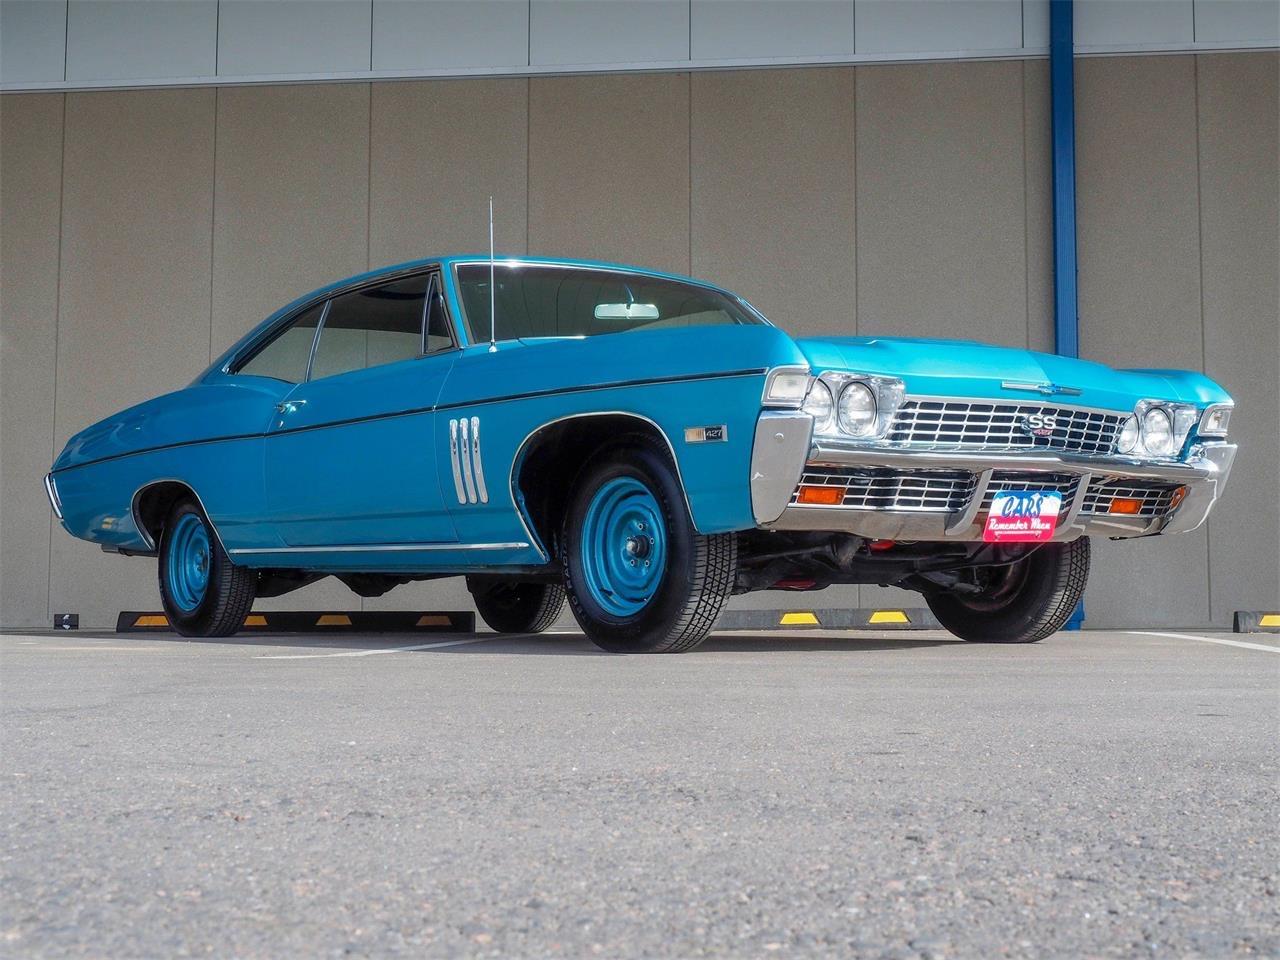 Kelebihan Impala 68 Top Model Tahun Ini